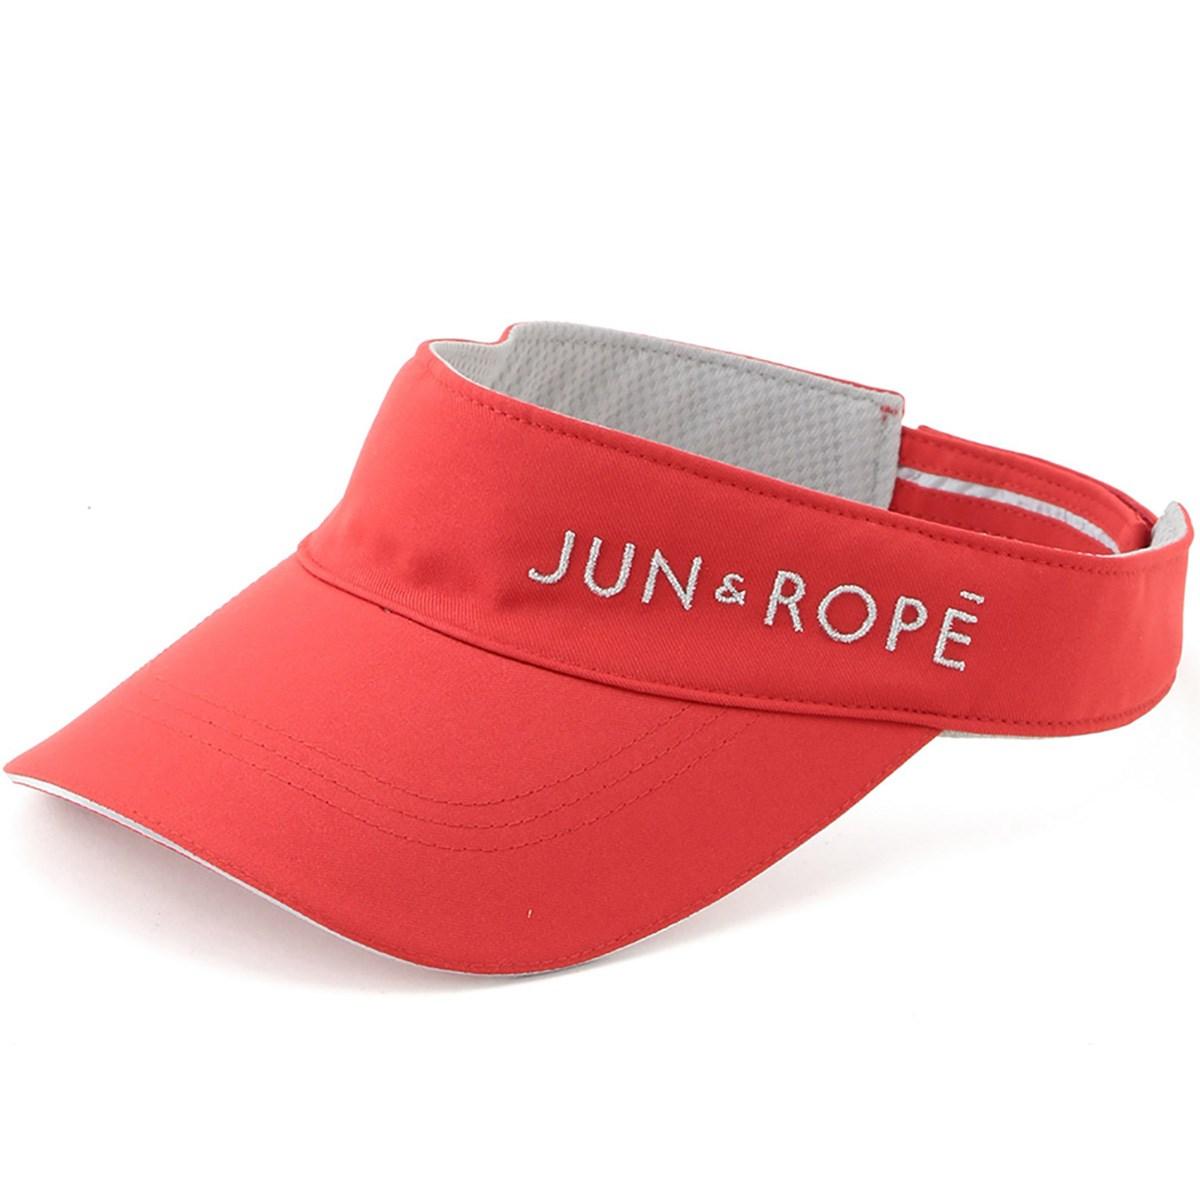 ジュン アンド ロペ JUN & ROPE ロゴ入りサンバイザー フリー レッド 60 レディス